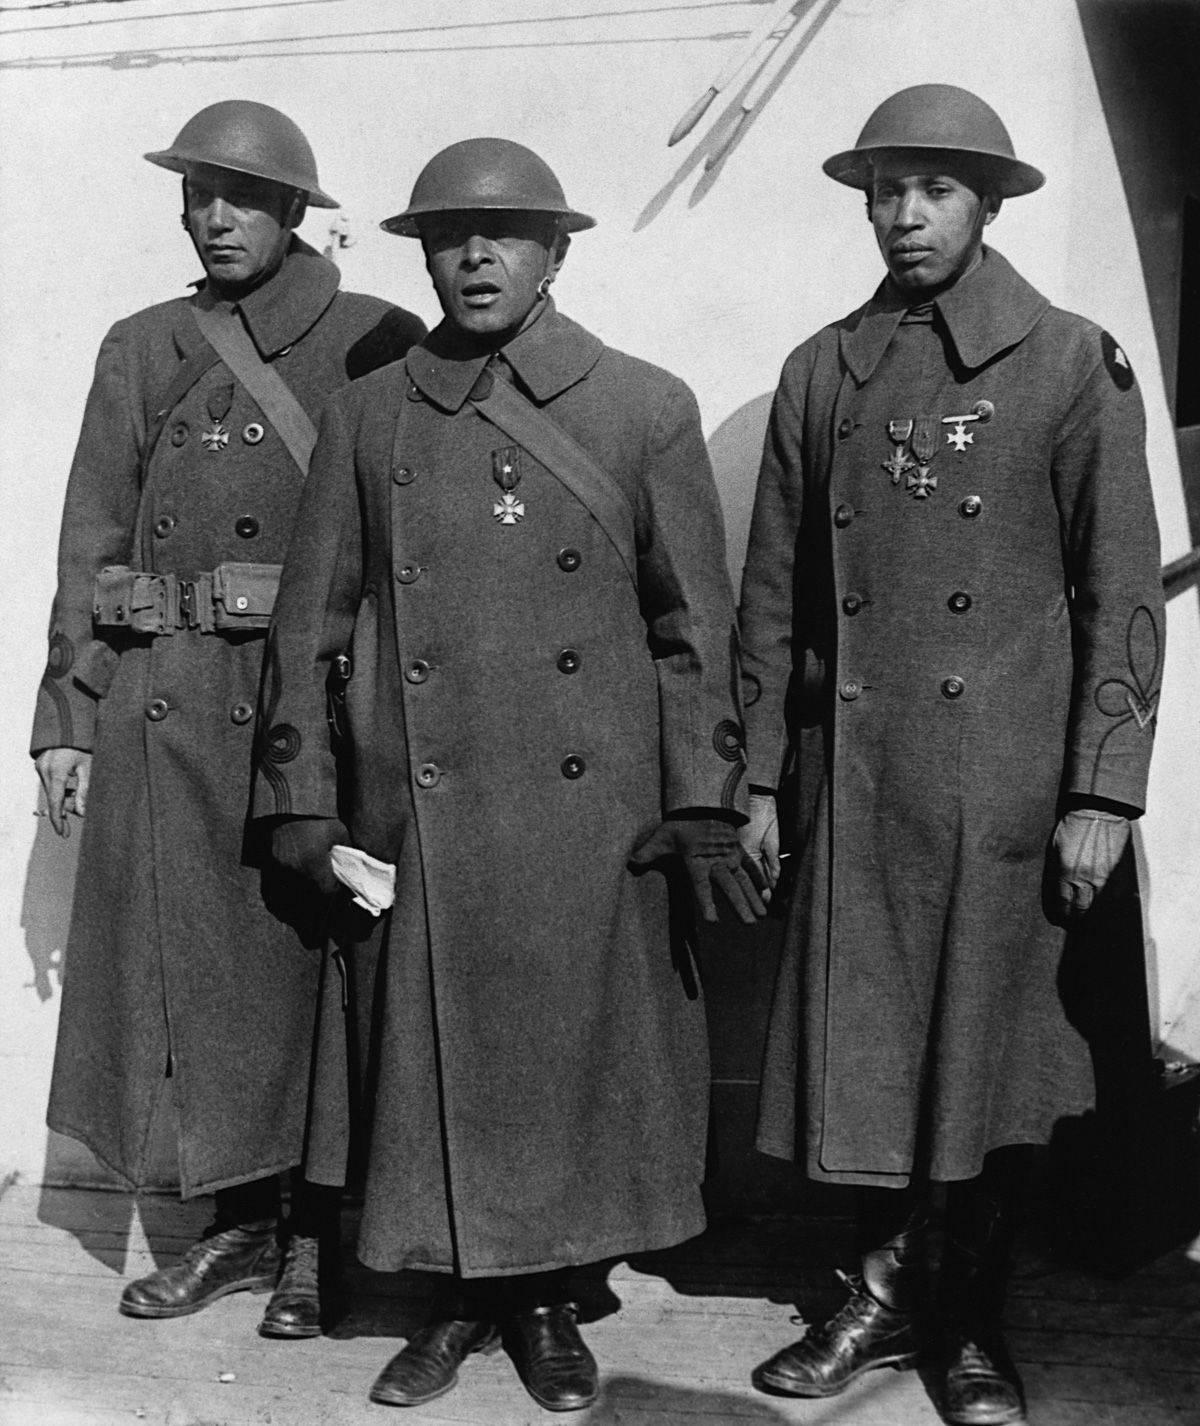 369-й пехотный полк армии США - Stone Forest